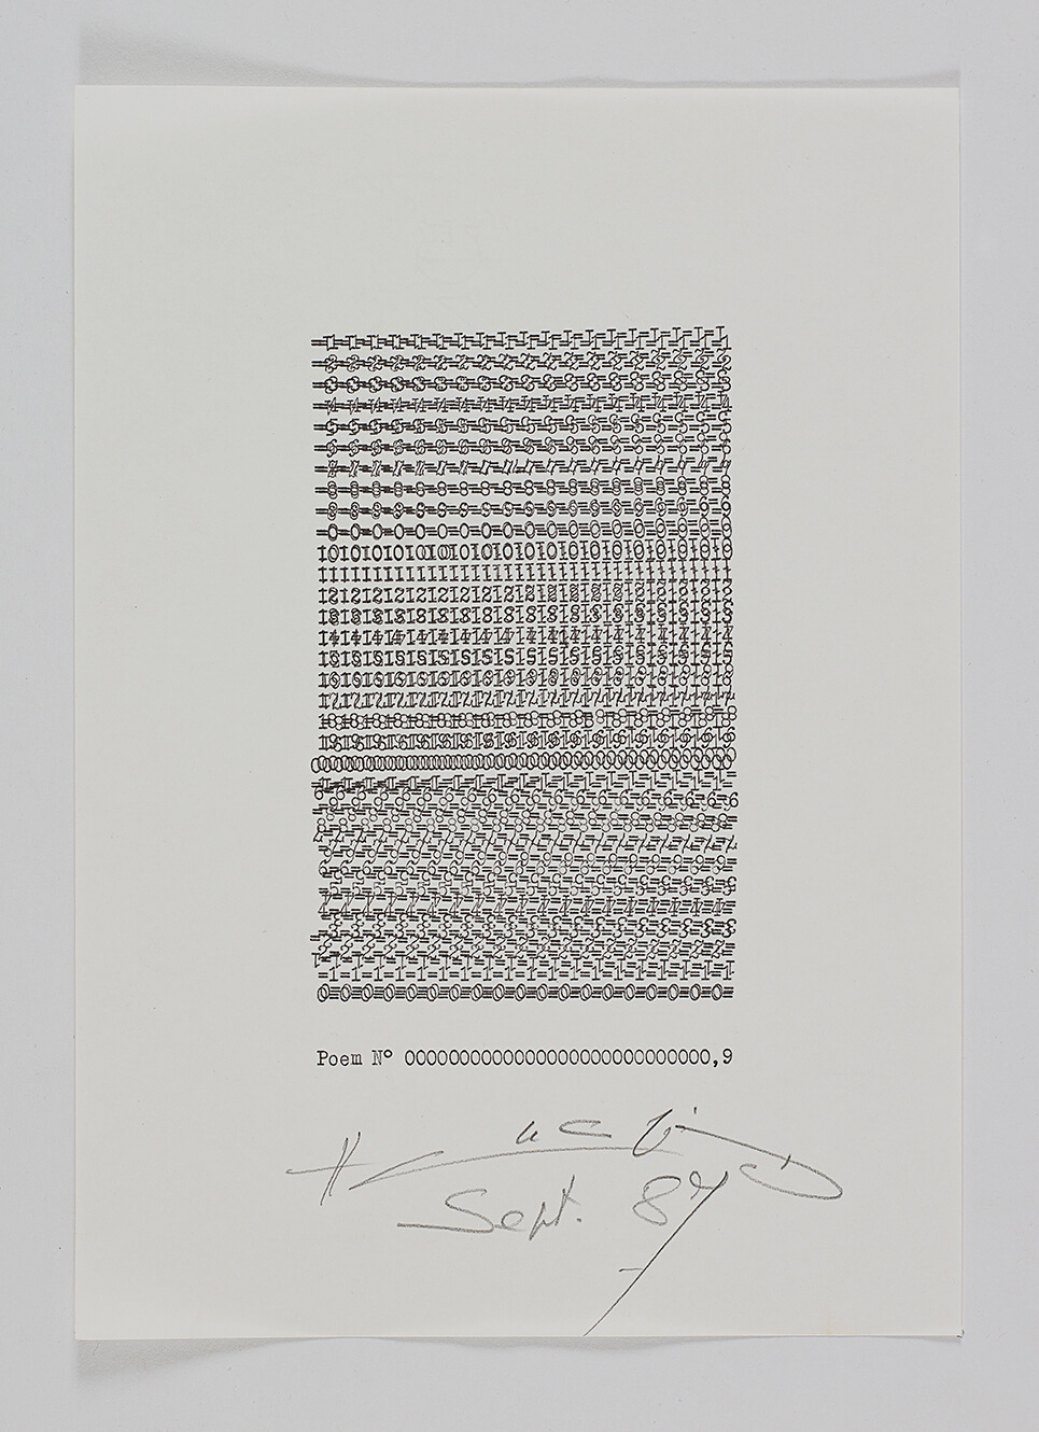 Henri Chopin,<em>Poem N 0000000000000000000000000000,9</em>,1987,ink on paper (typewritten poems),29,7 × 21 cm - Mendes Wood DM